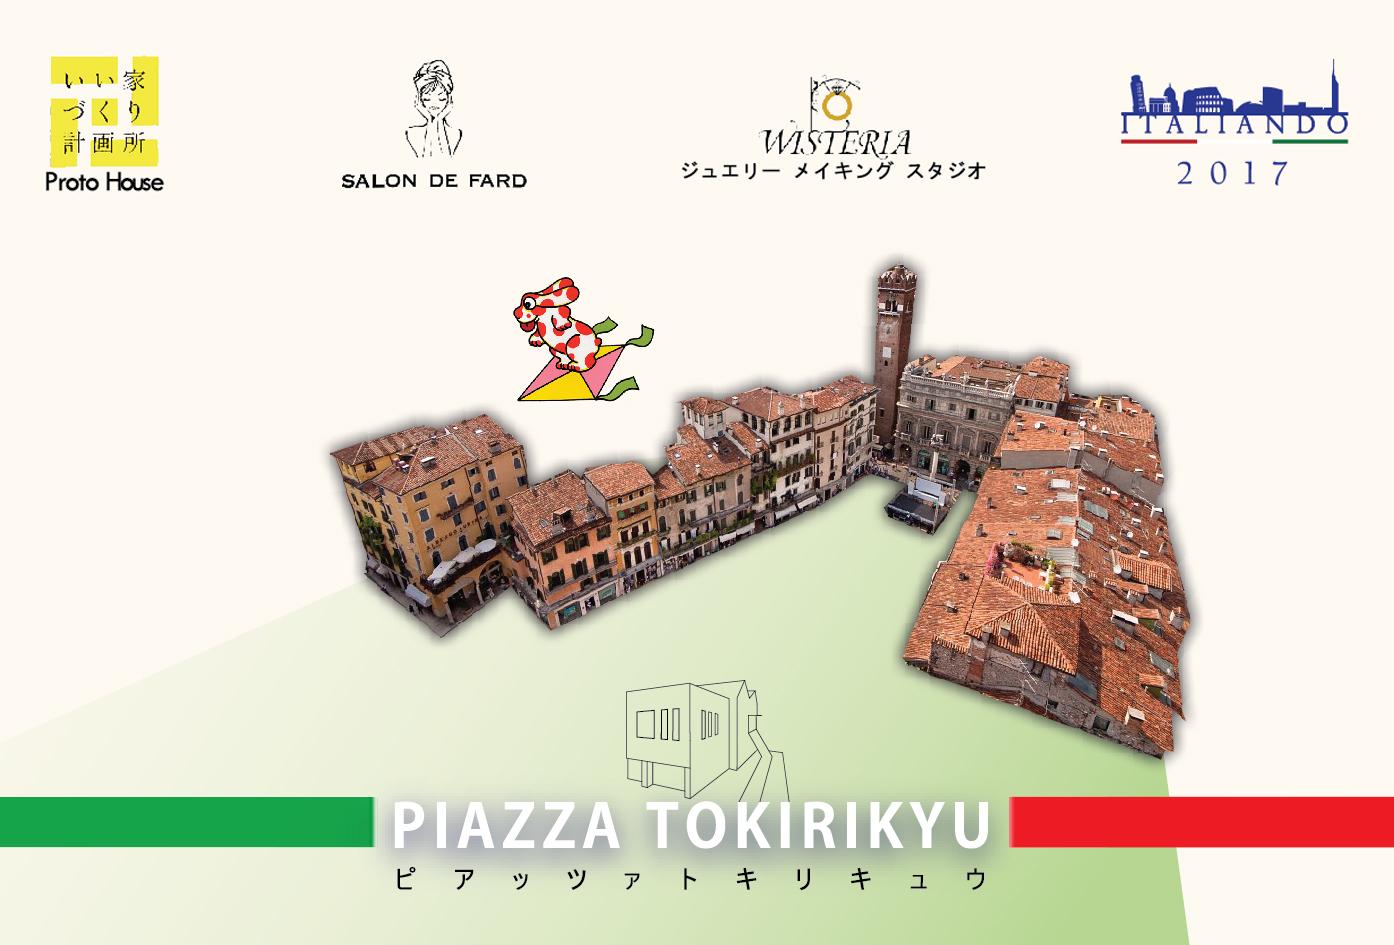 PIAZZA TOKIRIKYU - il Mercato ピアッツァ 季 離 宮_a0281139_10580107.jpg